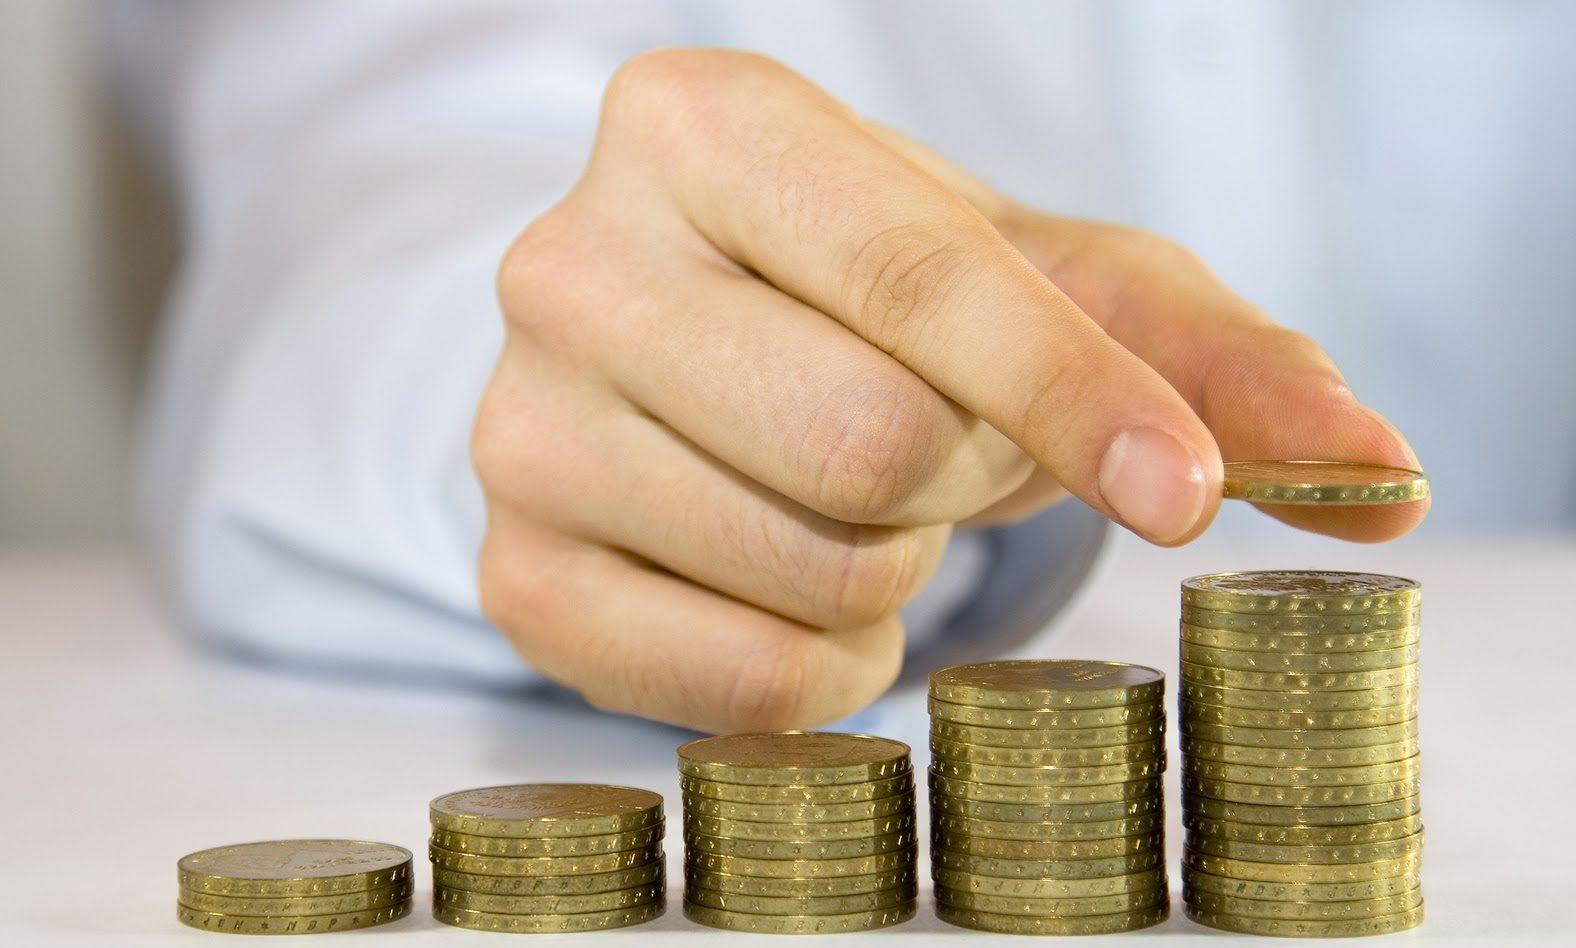 Keressen pénzt weboldalával! - Tudásbázis - WebDigital